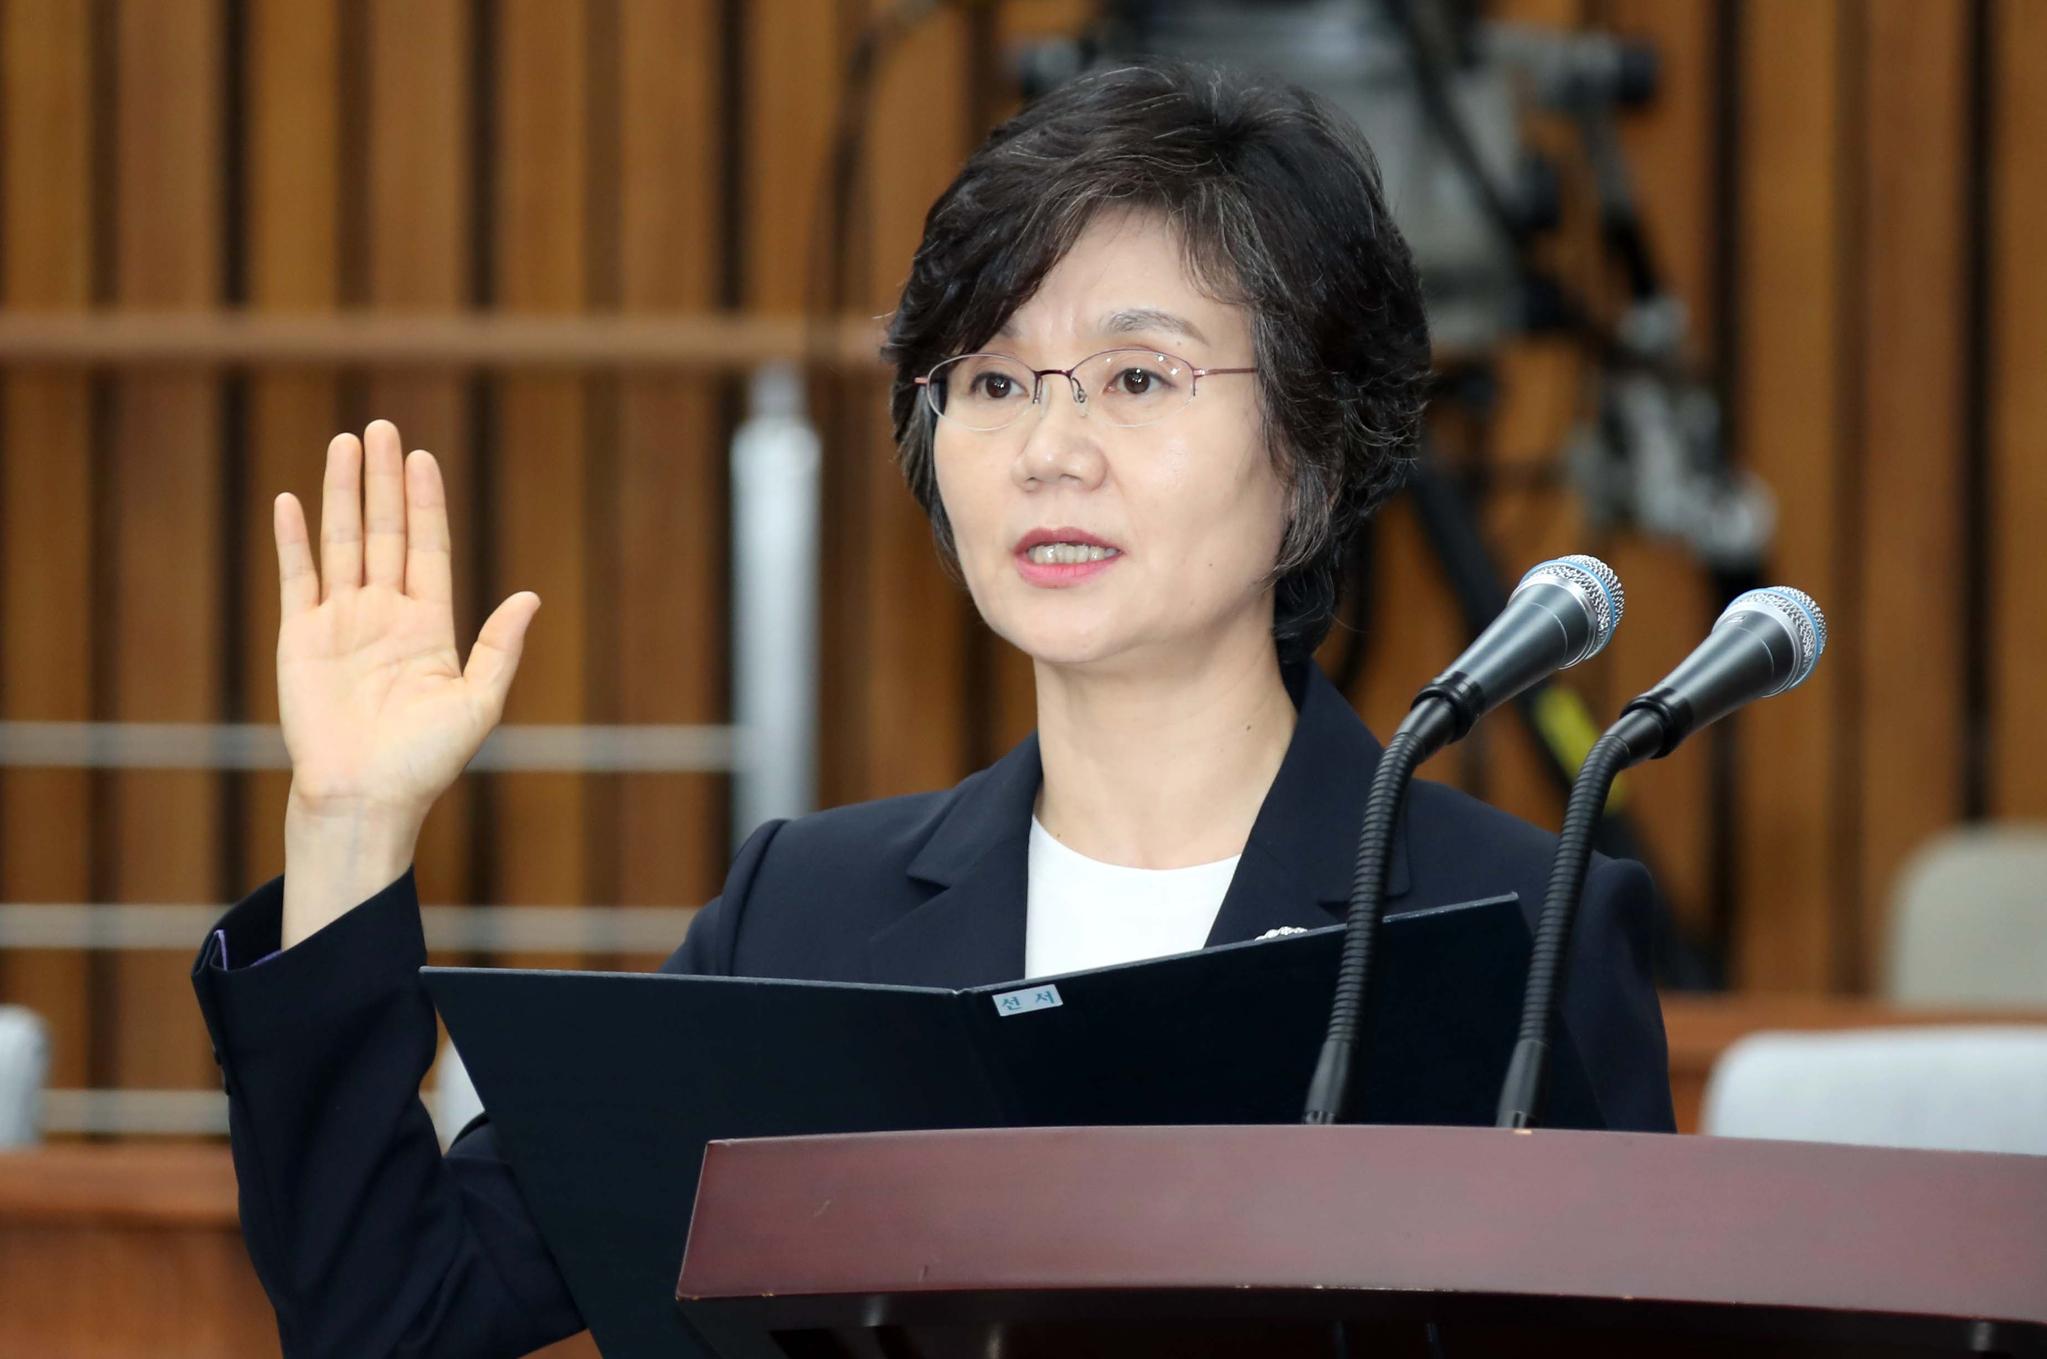 중앙선거관리위원장에 내정된 노정희 대법관. 변선구 기자